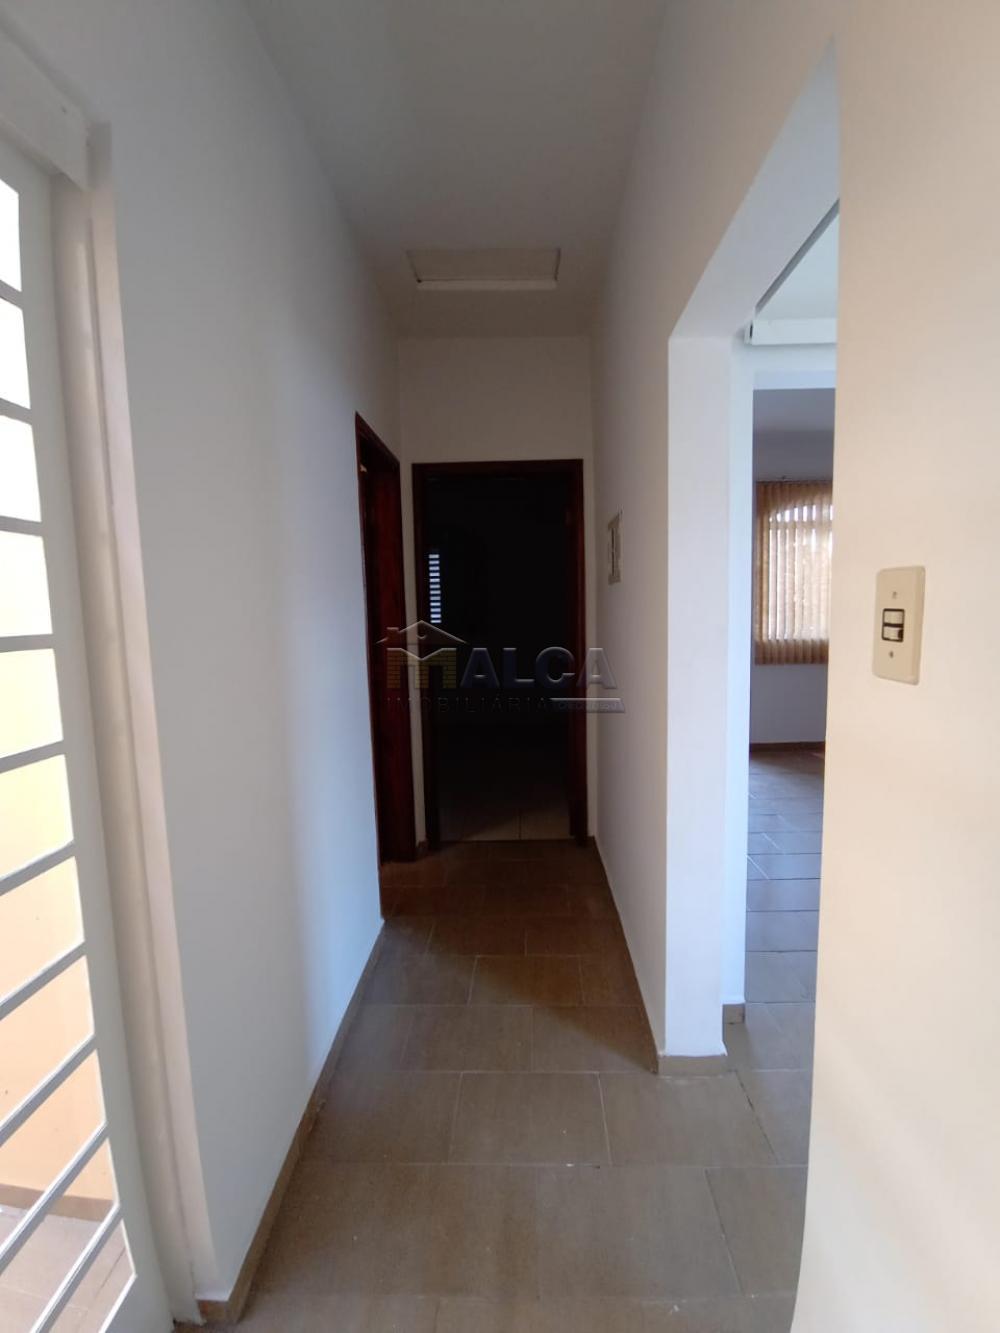 Alugar Casas / Padrão em São José do Rio Pardo apenas R$ 1.500,00 - Foto 13